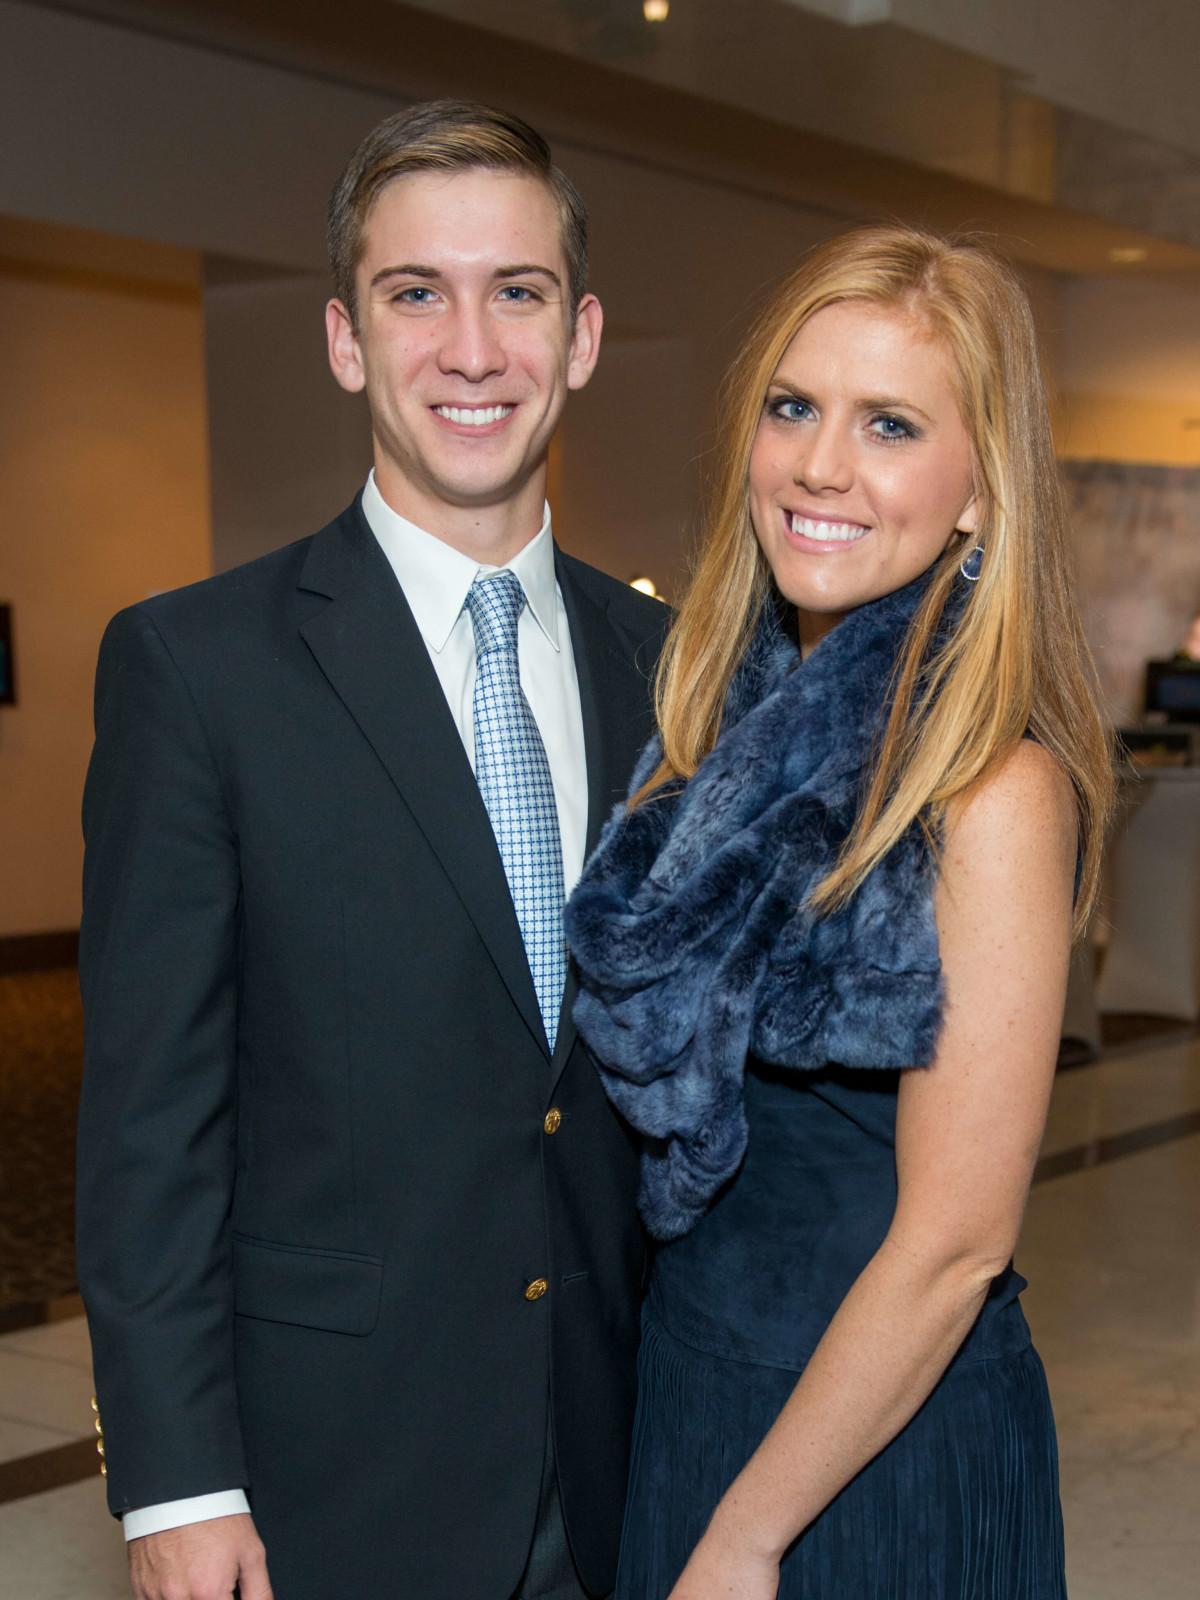 Daniel Hartland and Amber Hartland at Mission of Yahweh